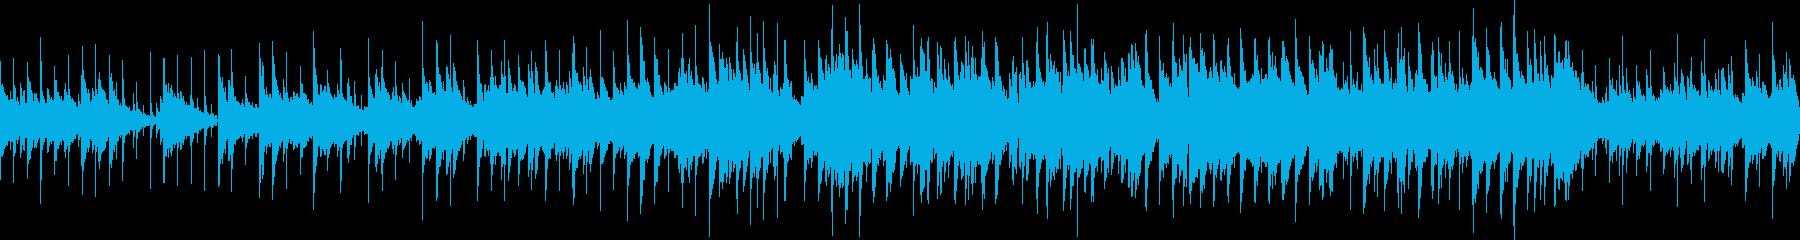 少し切なさのある感動系バラード(ループ)の再生済みの波形